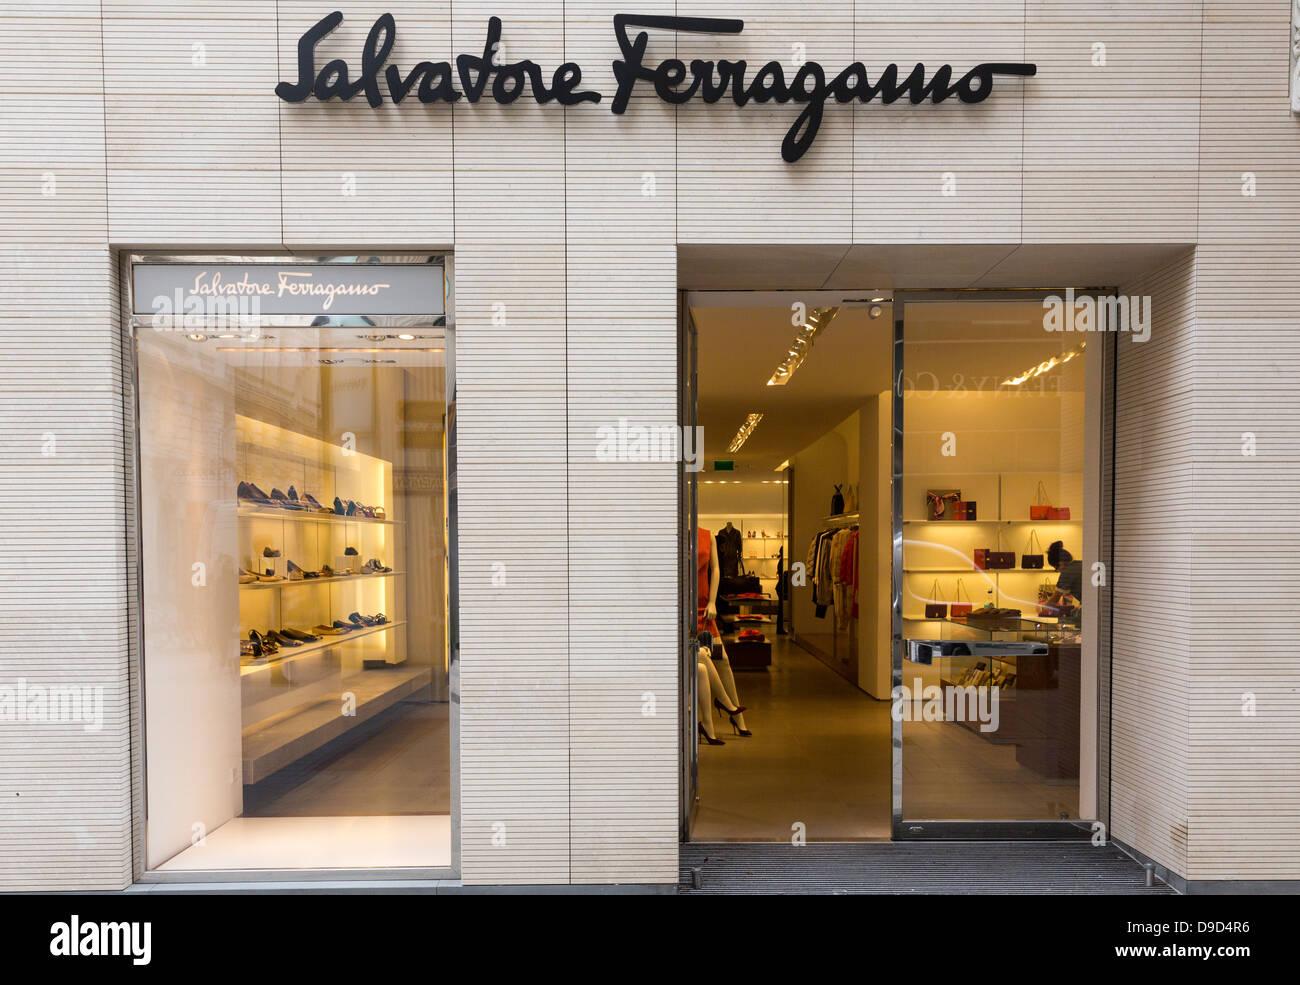 Salvatore Ferragamo shop Kohlmarkt, Vienna, Austria - Stock Image